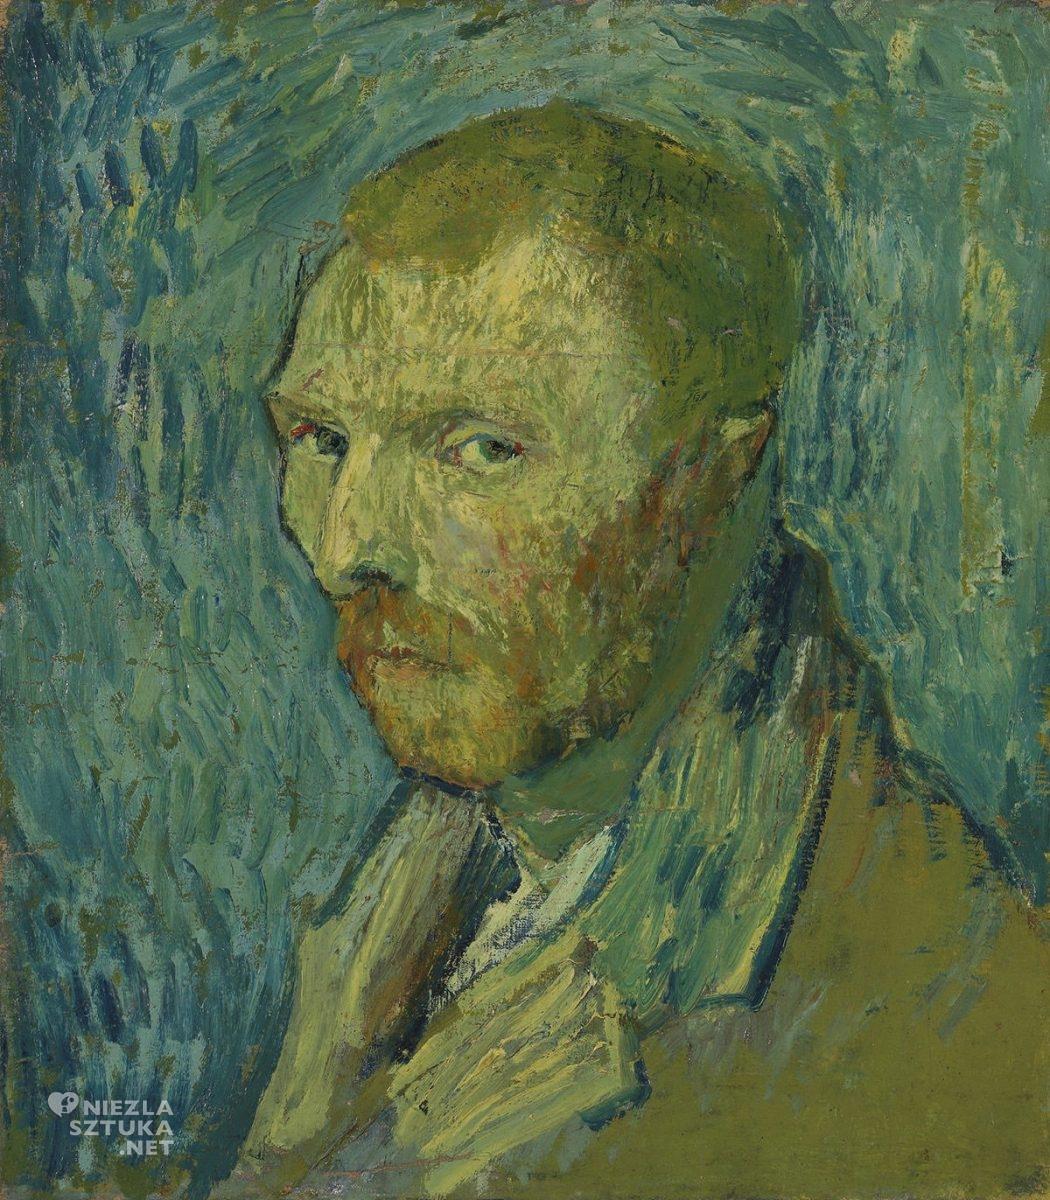 Vincent van Gogh, Autoportret, malarstwo europejskie, sztuka europejska,, Niezła Sztuka